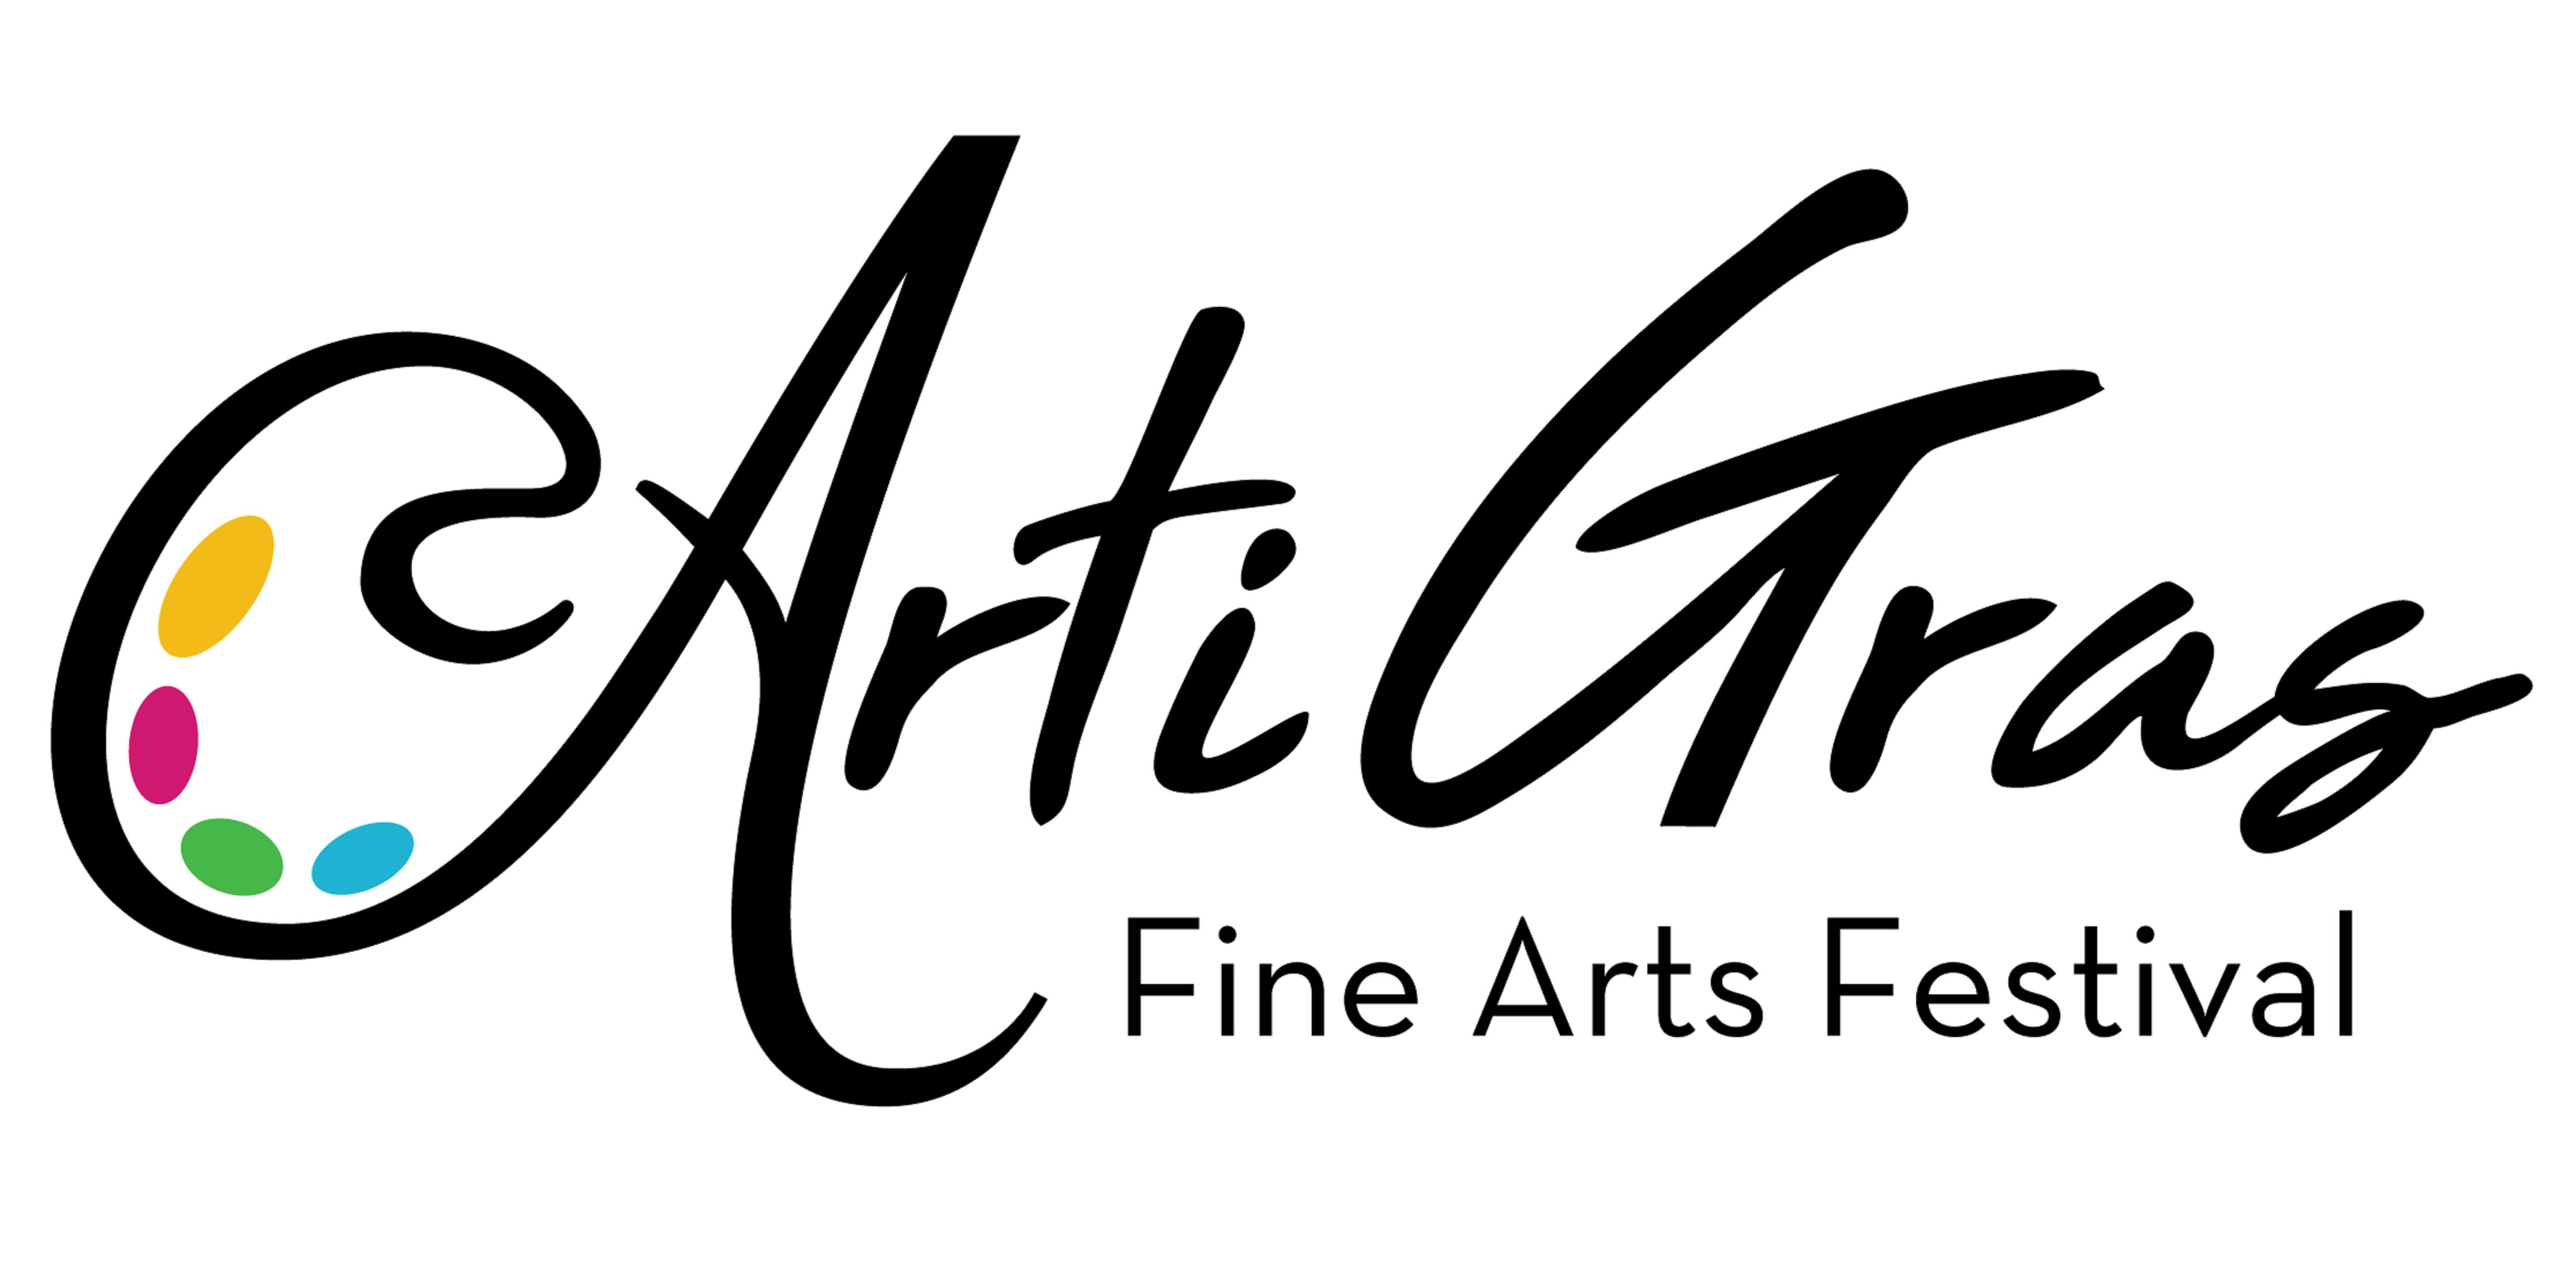 Artis Gras Fine Arts Festival The Rickie Report